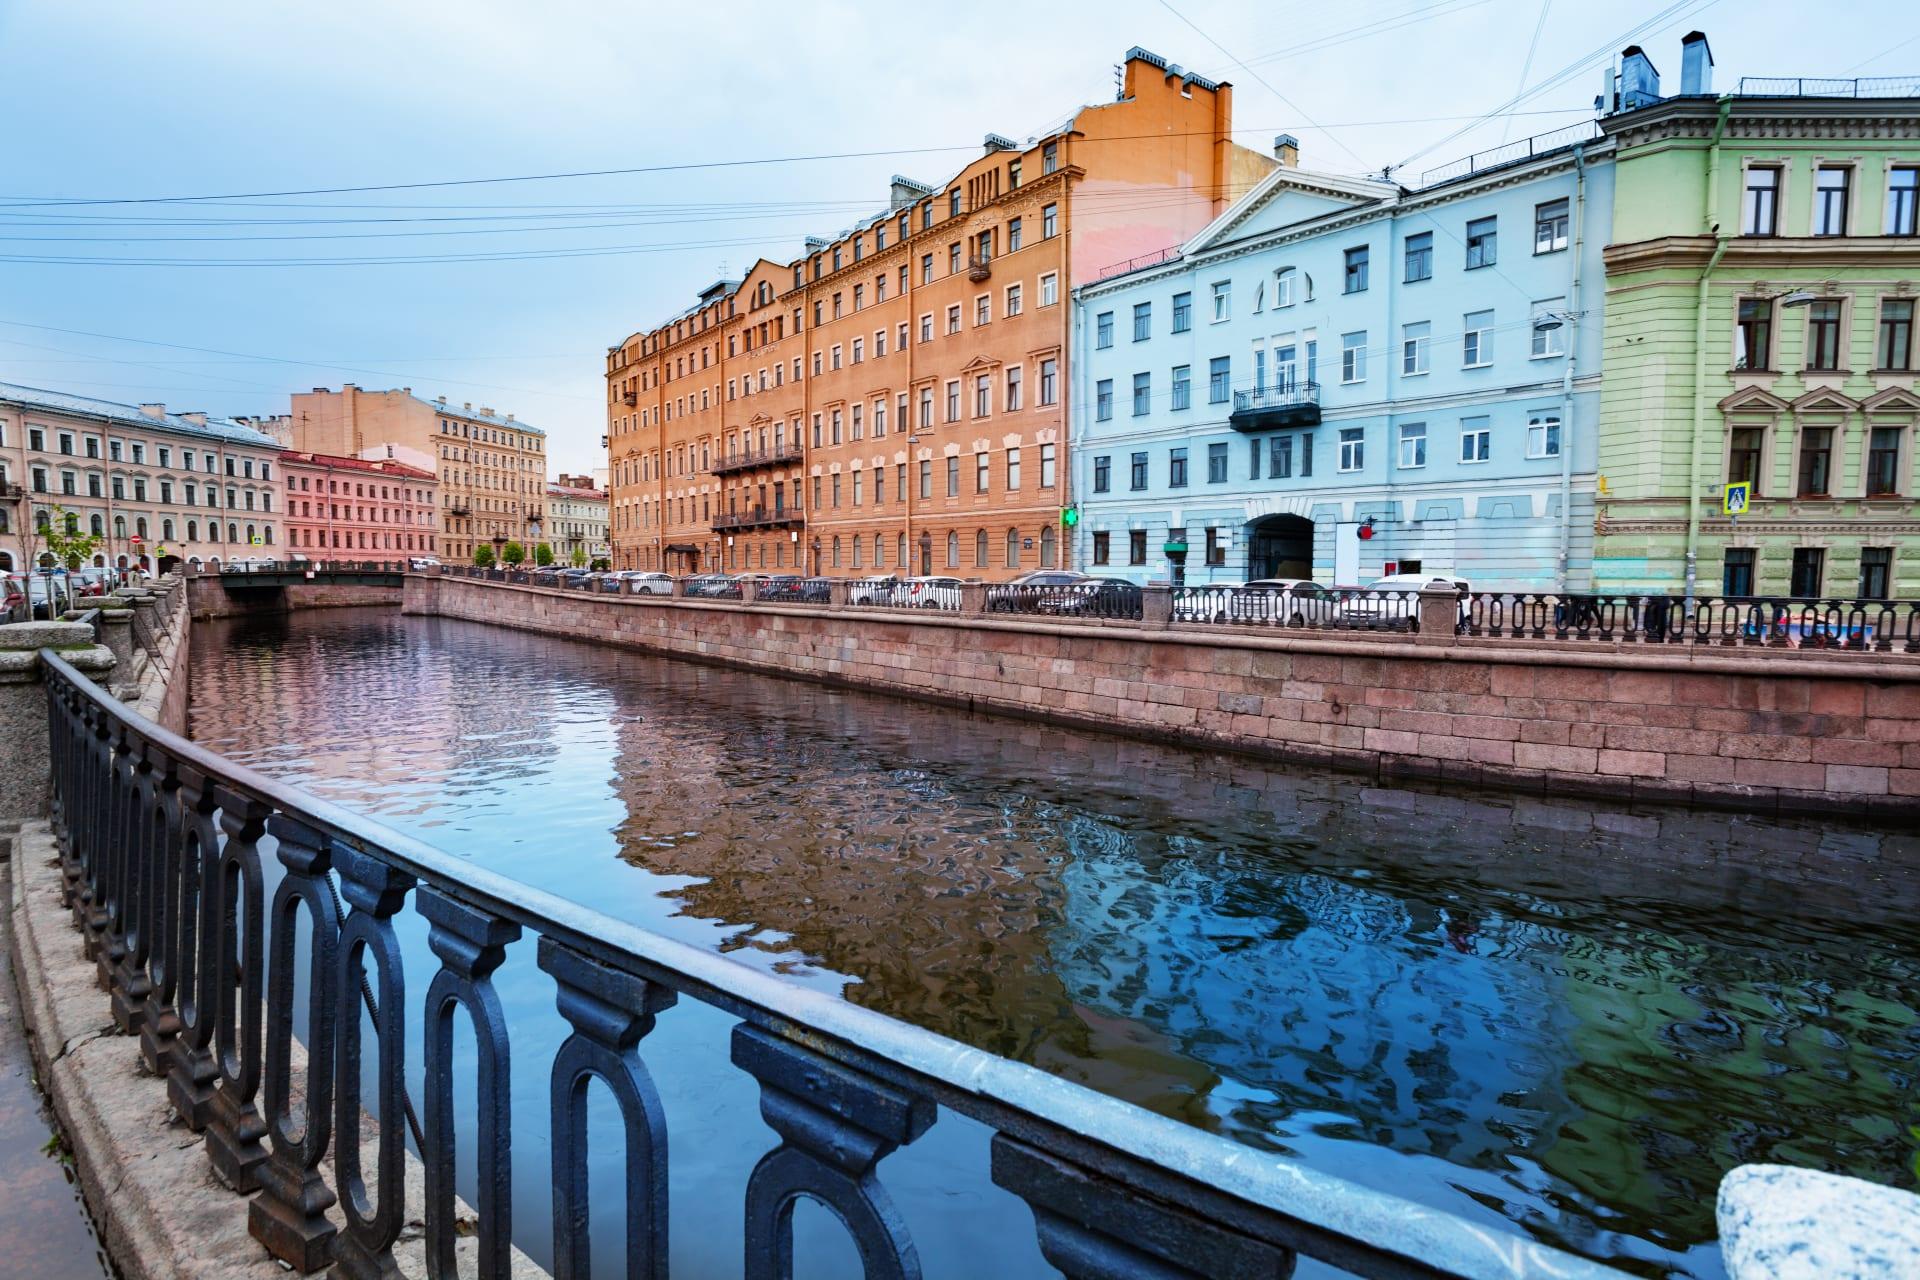 Saint Petersburg - Fyodor Dostoyevsky in Saint Petersburg Part I